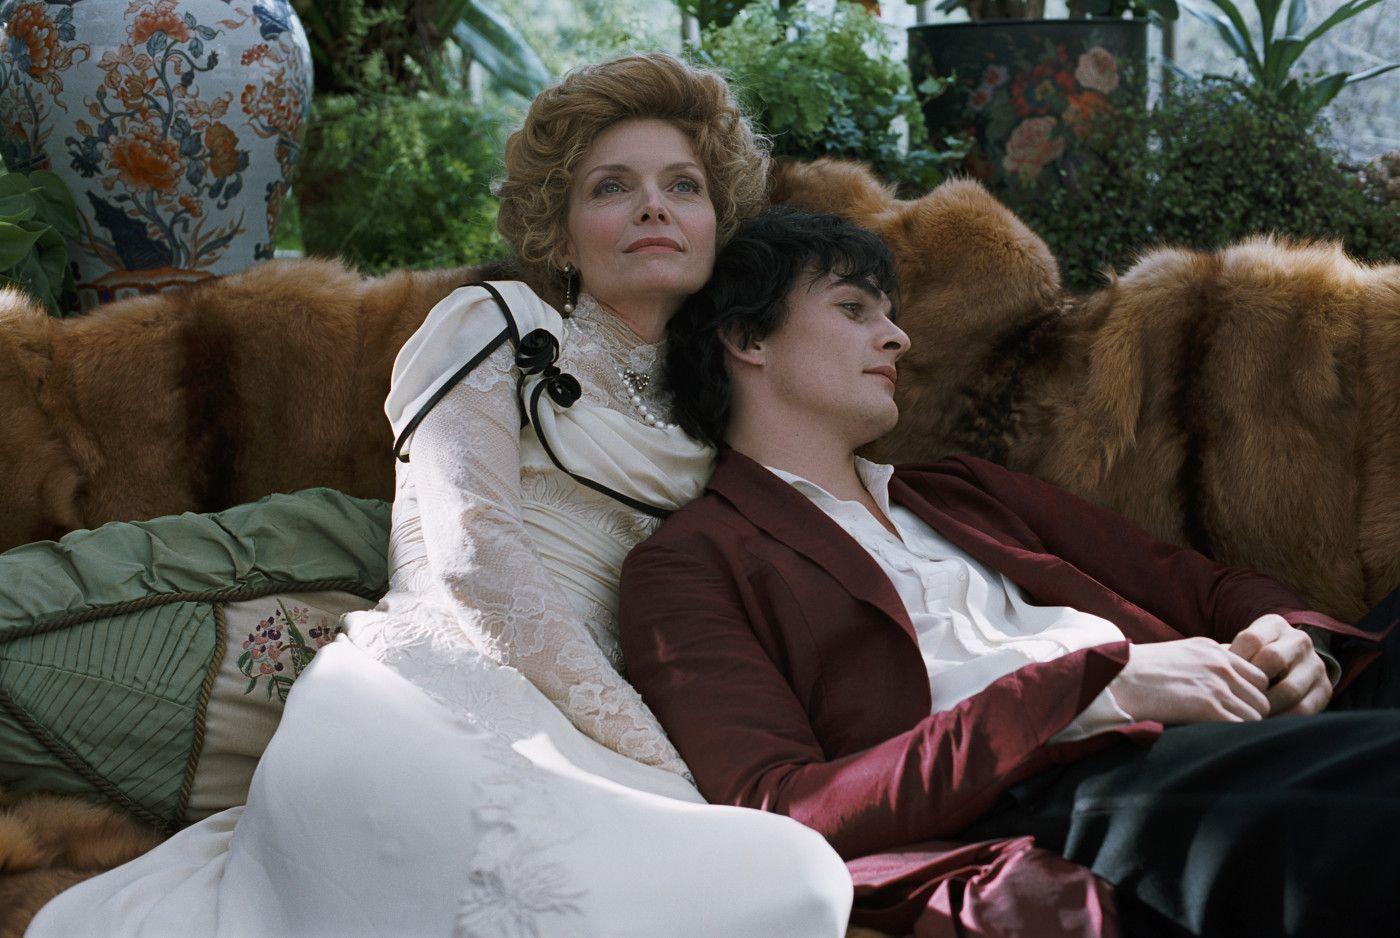 Michelle Pfeiffer and Rupert Friend